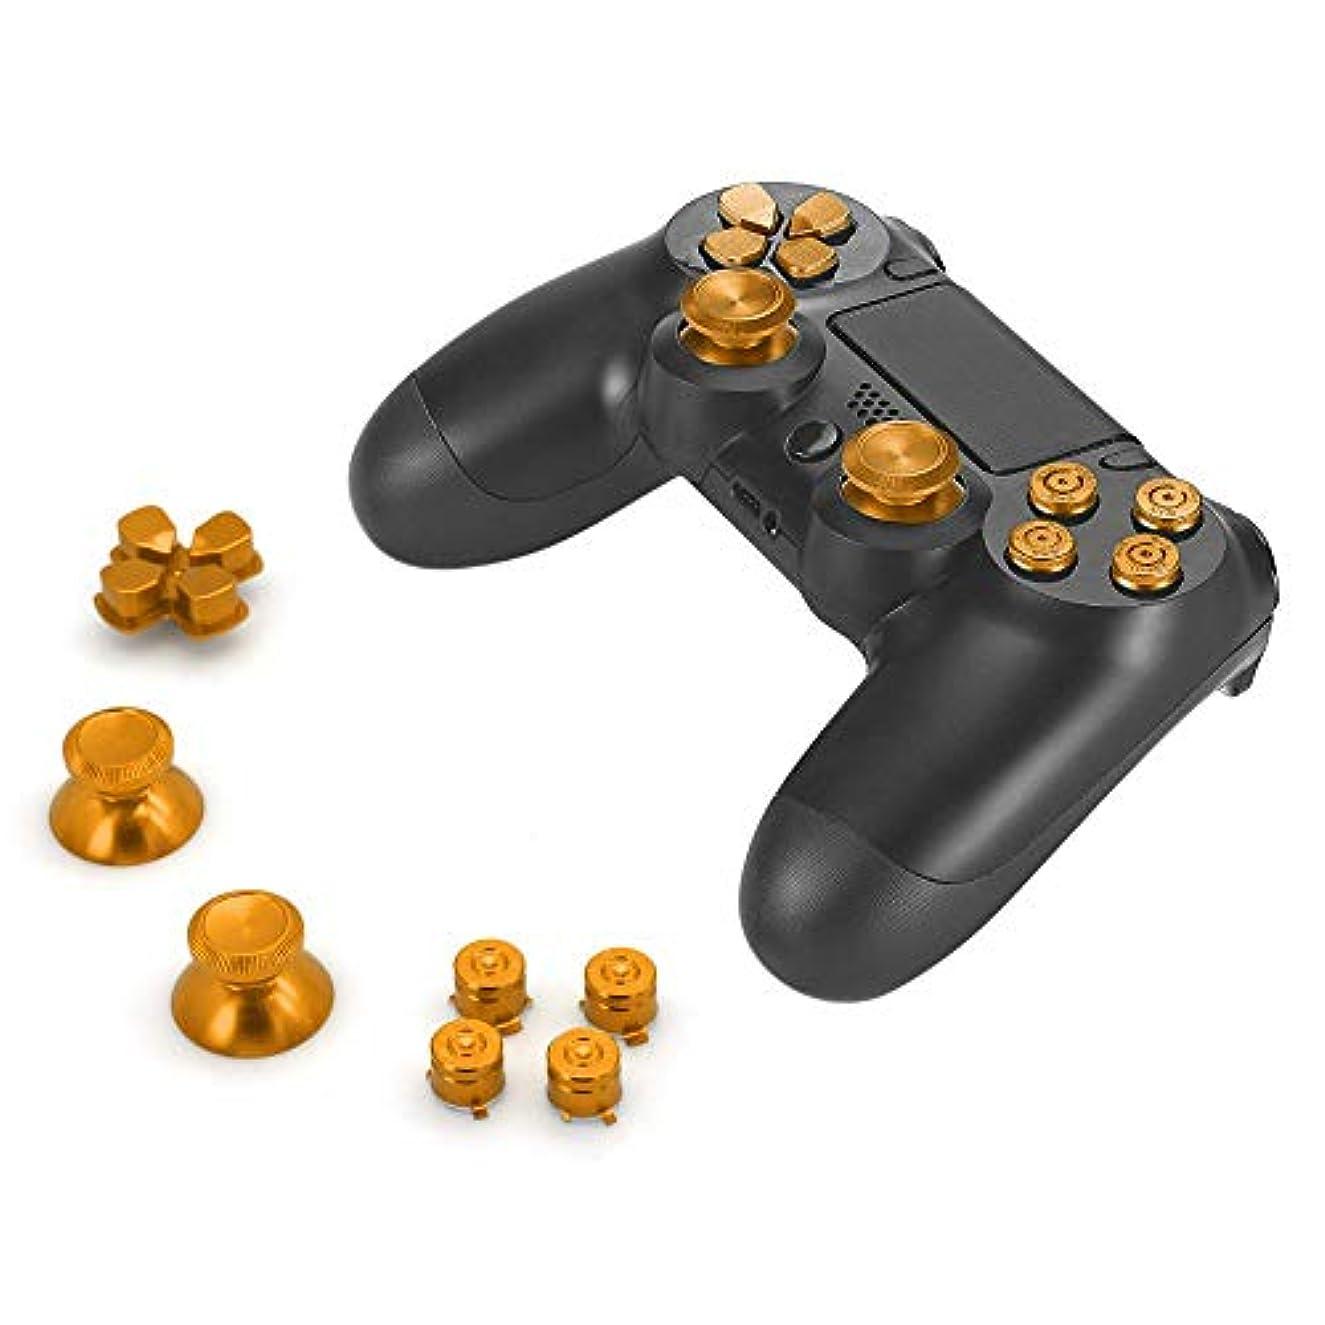 会計パーチナシティ発表Gaoominy アルミ合金ボタン帽子サムスティックスペアパーツアクセサリー、 4 Dualshoコントローラ用(ゴールド)